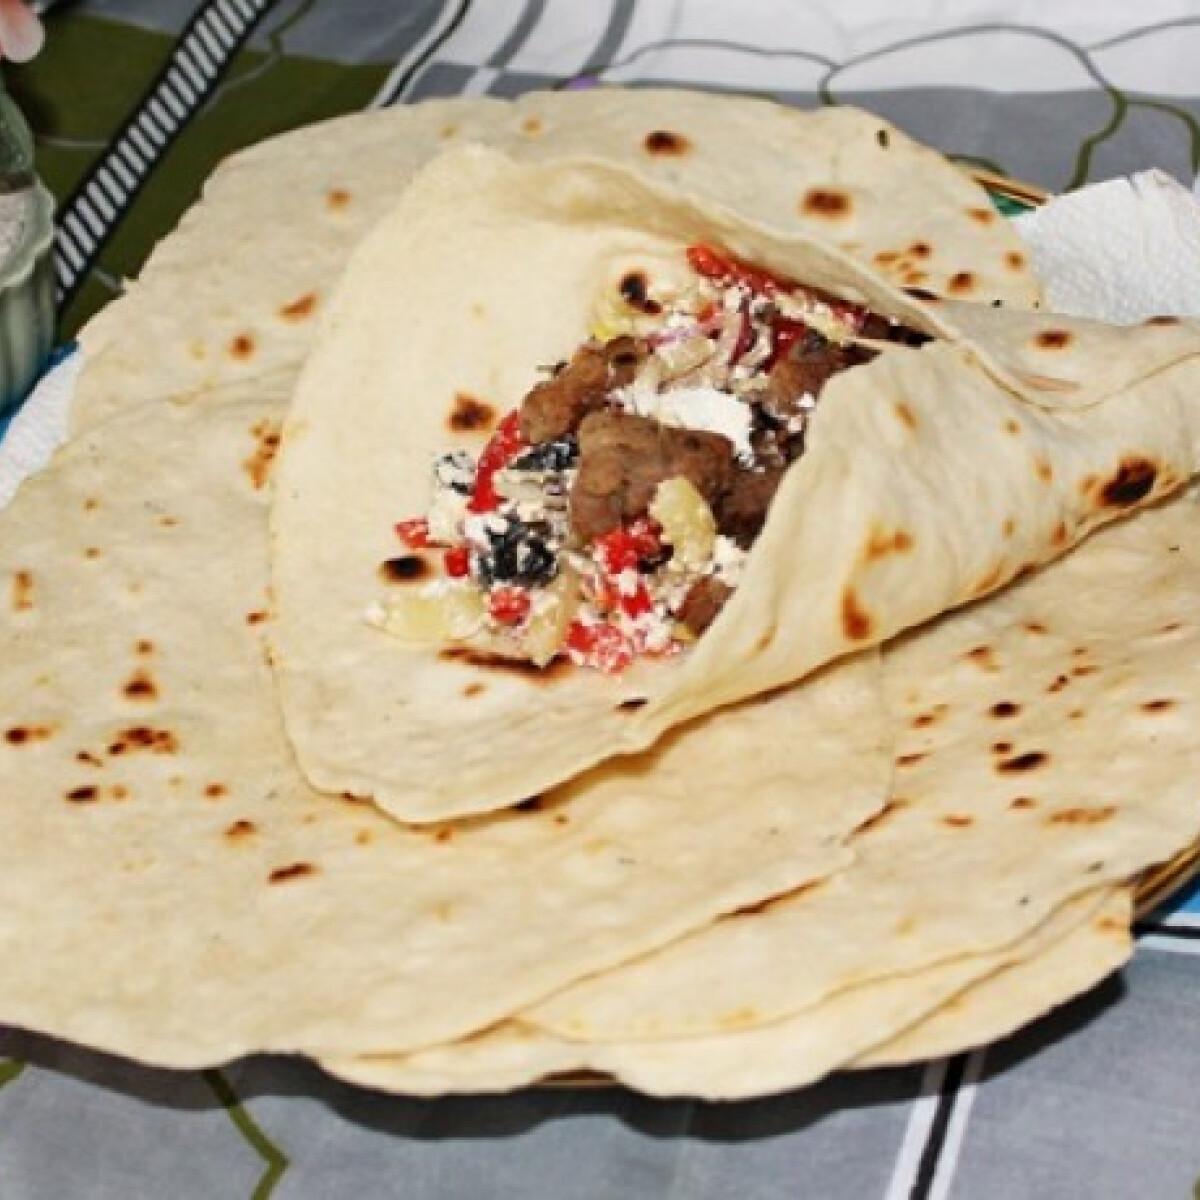 Ezen a képen: Tortilla csirkével és salátával töltve